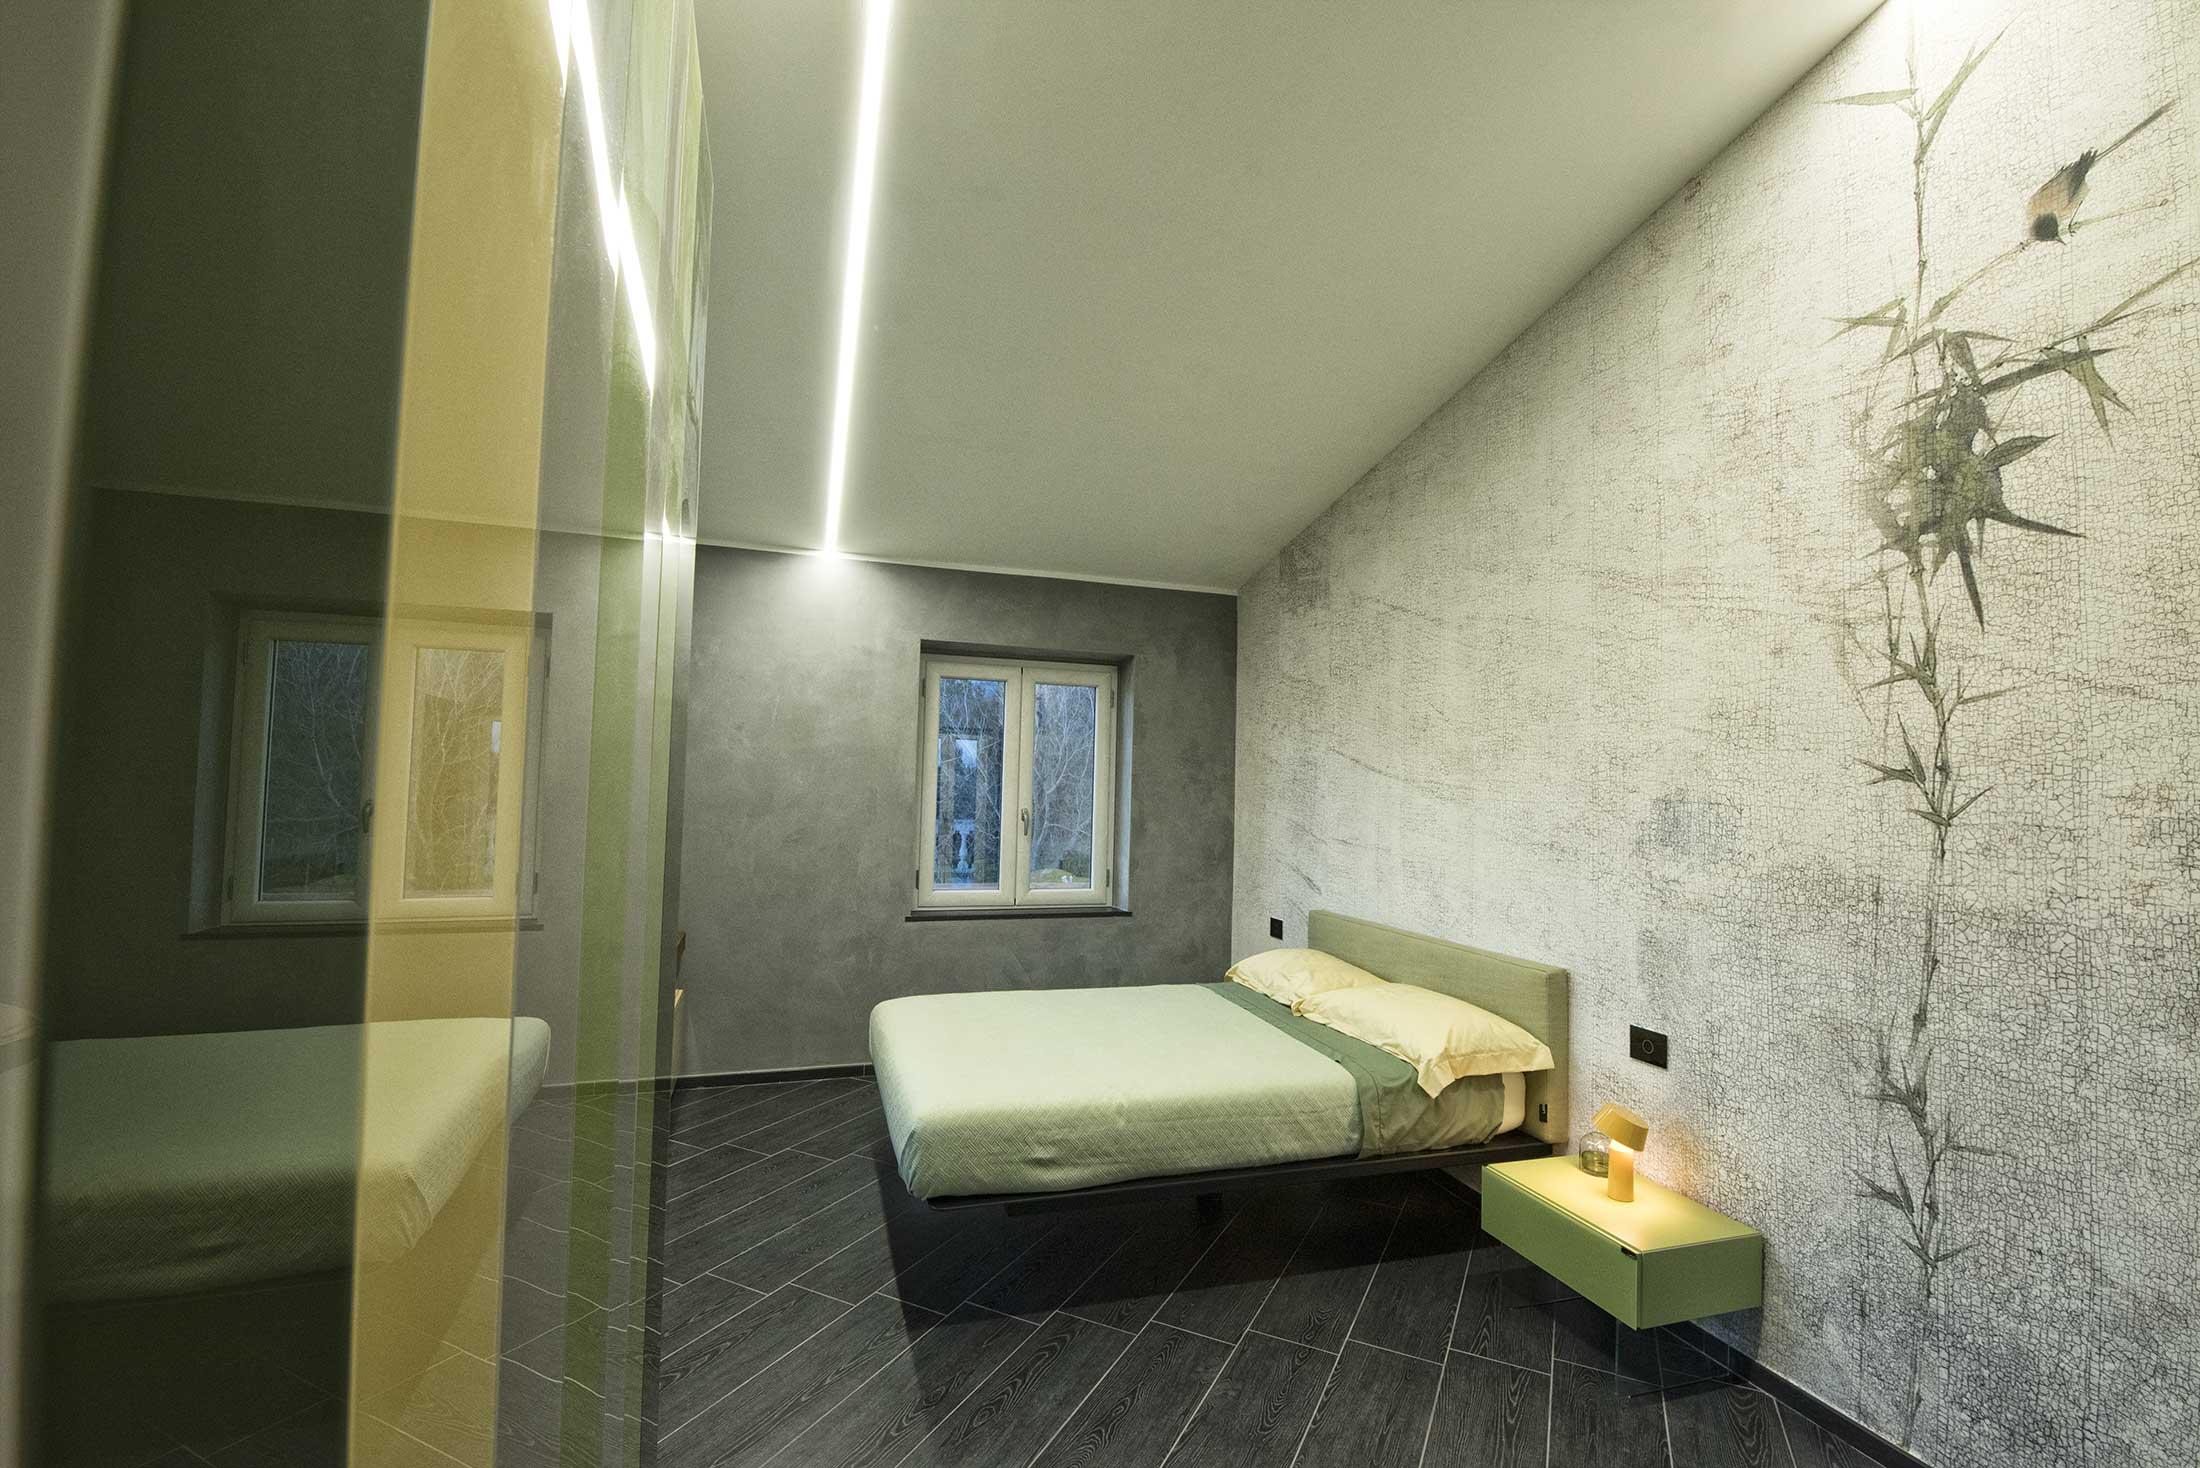 progetti-architettura-design-Formia-Addessi-Design-progettazione (17)